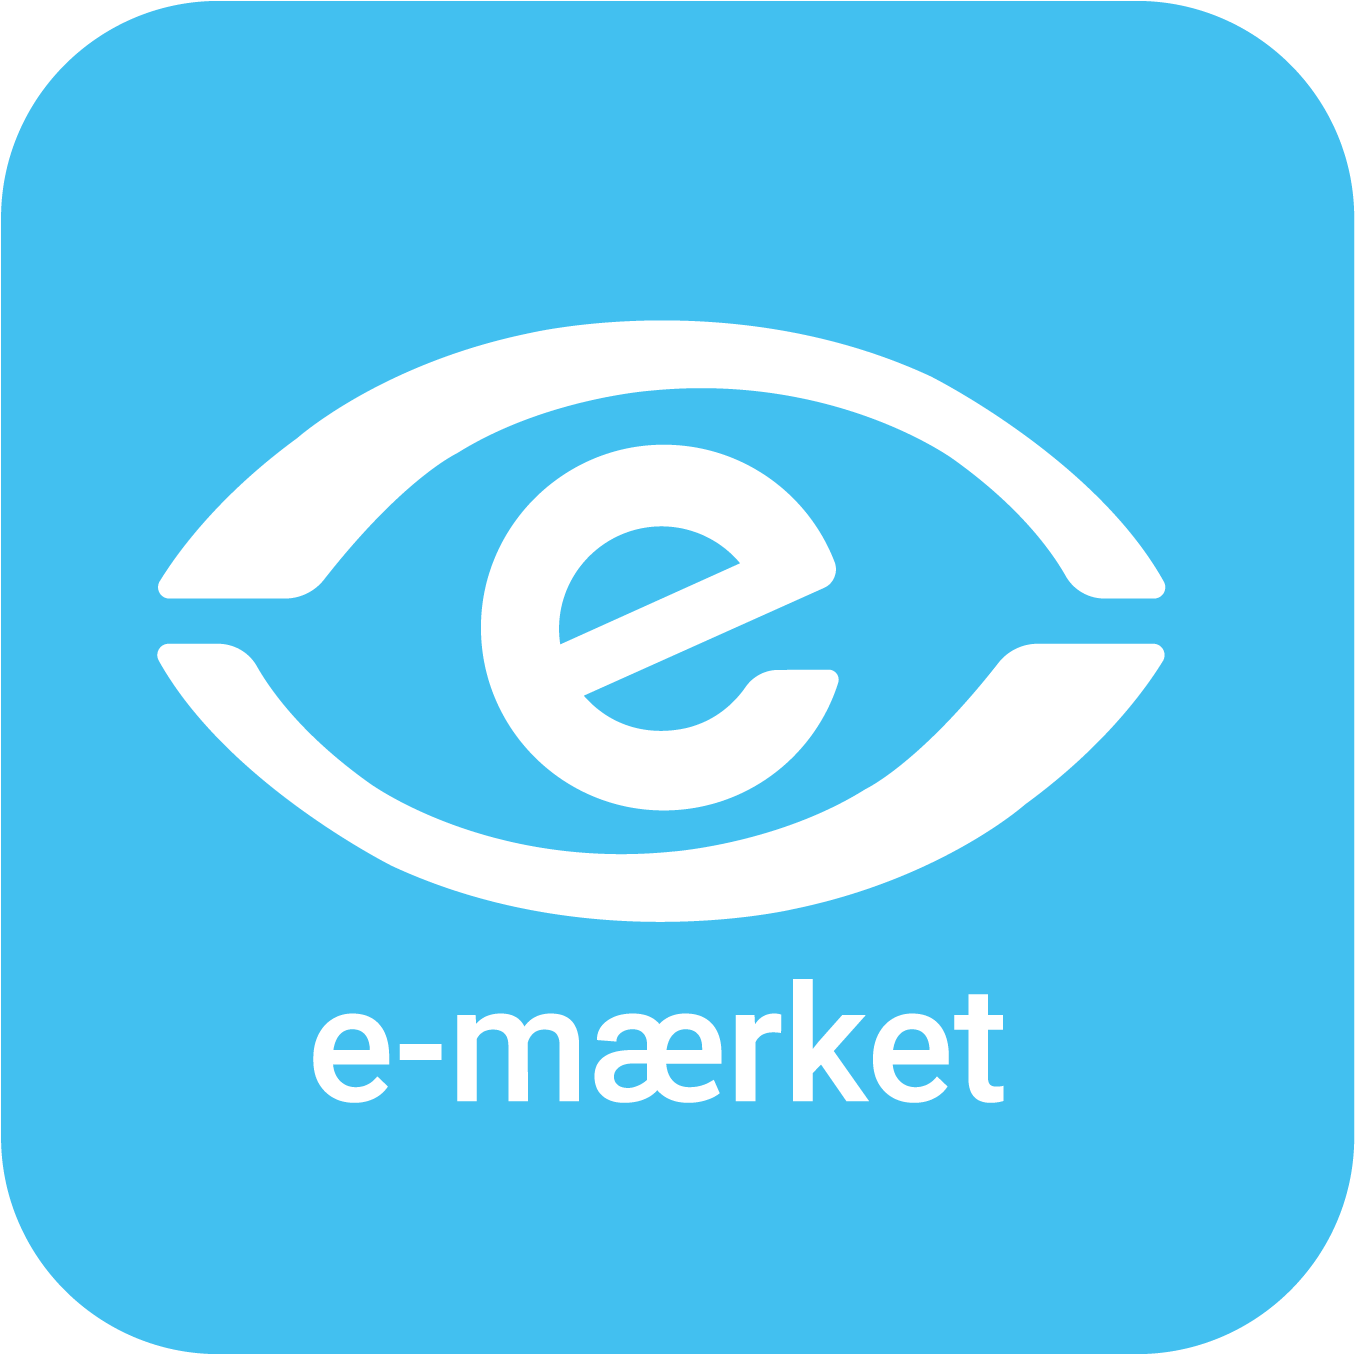 e-mærket certifikatlogo